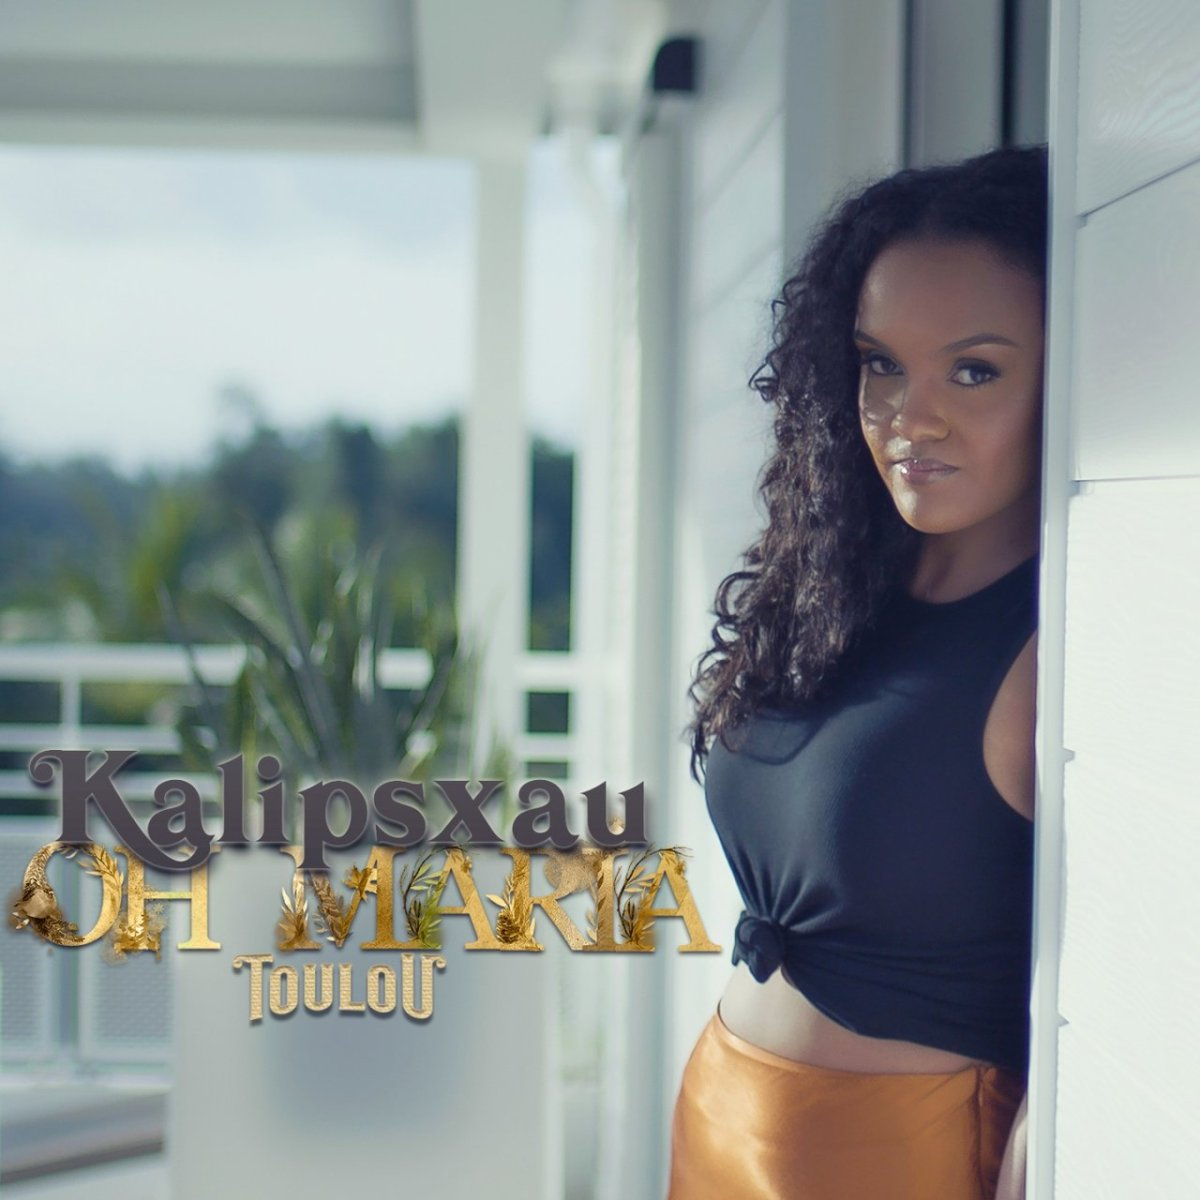 Kalipsxau - Oh Maria Toulou (Cover)